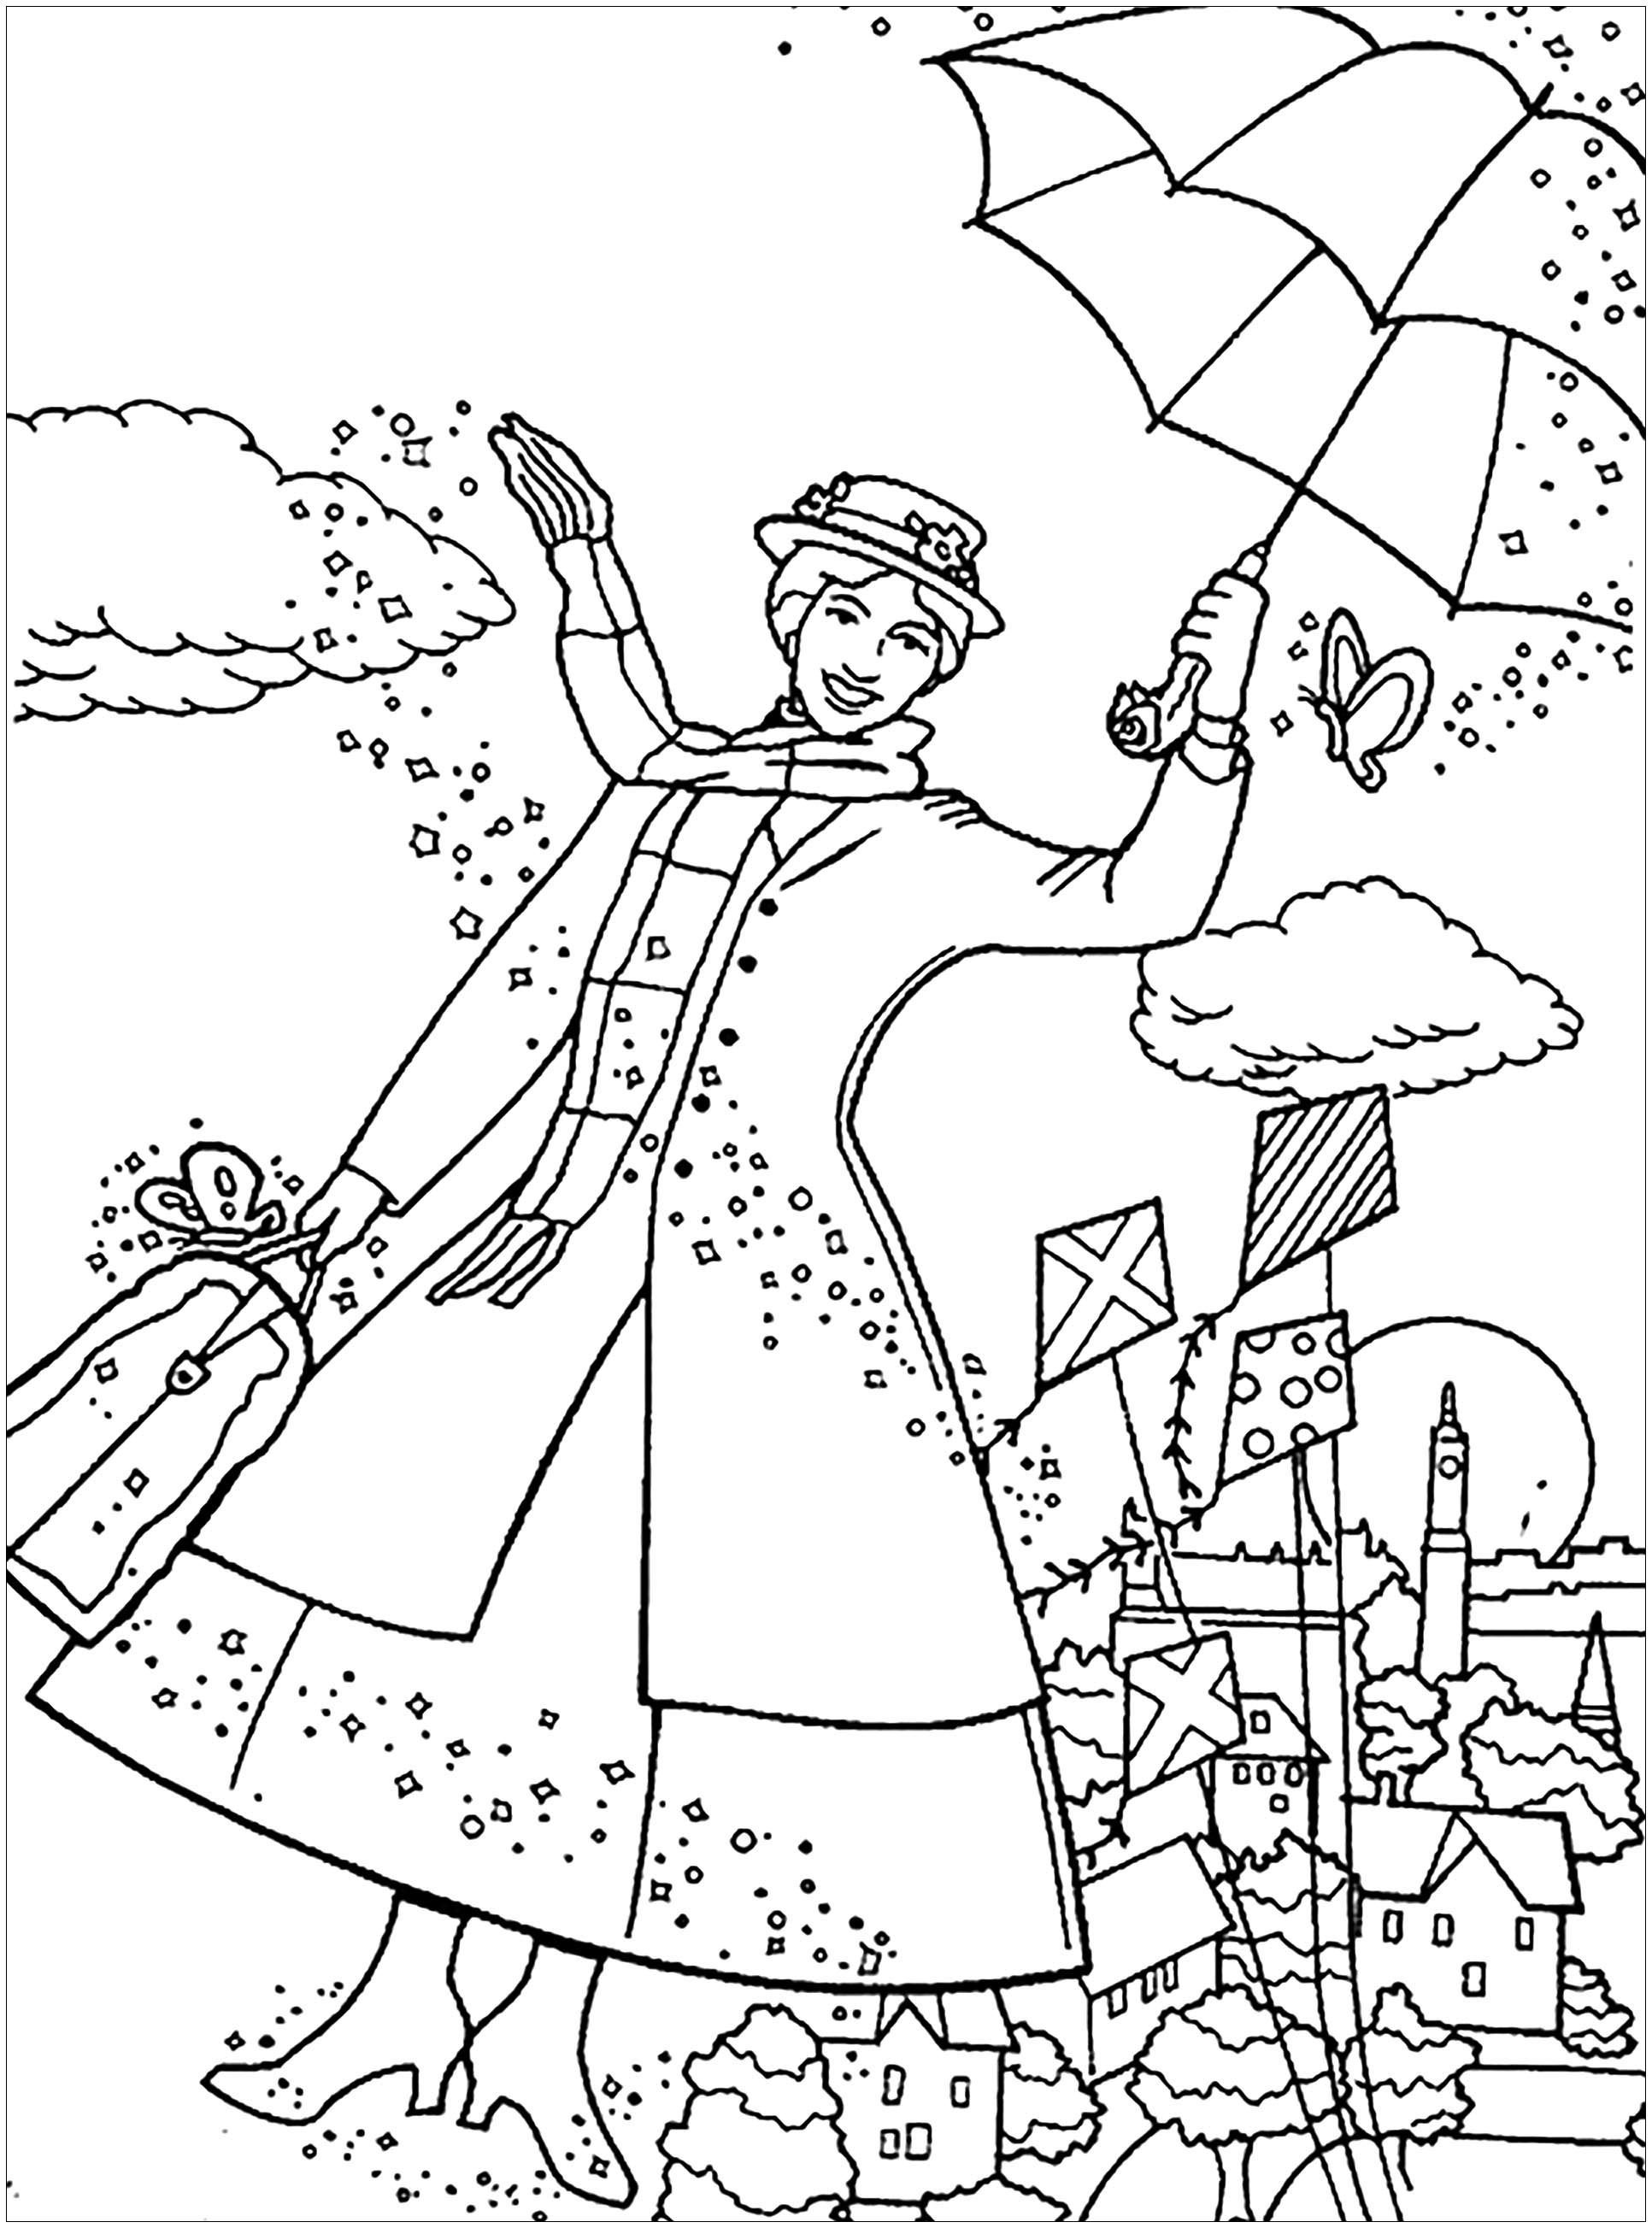 удивляет мэри поппинс раскраска рисунки сервал грациозный